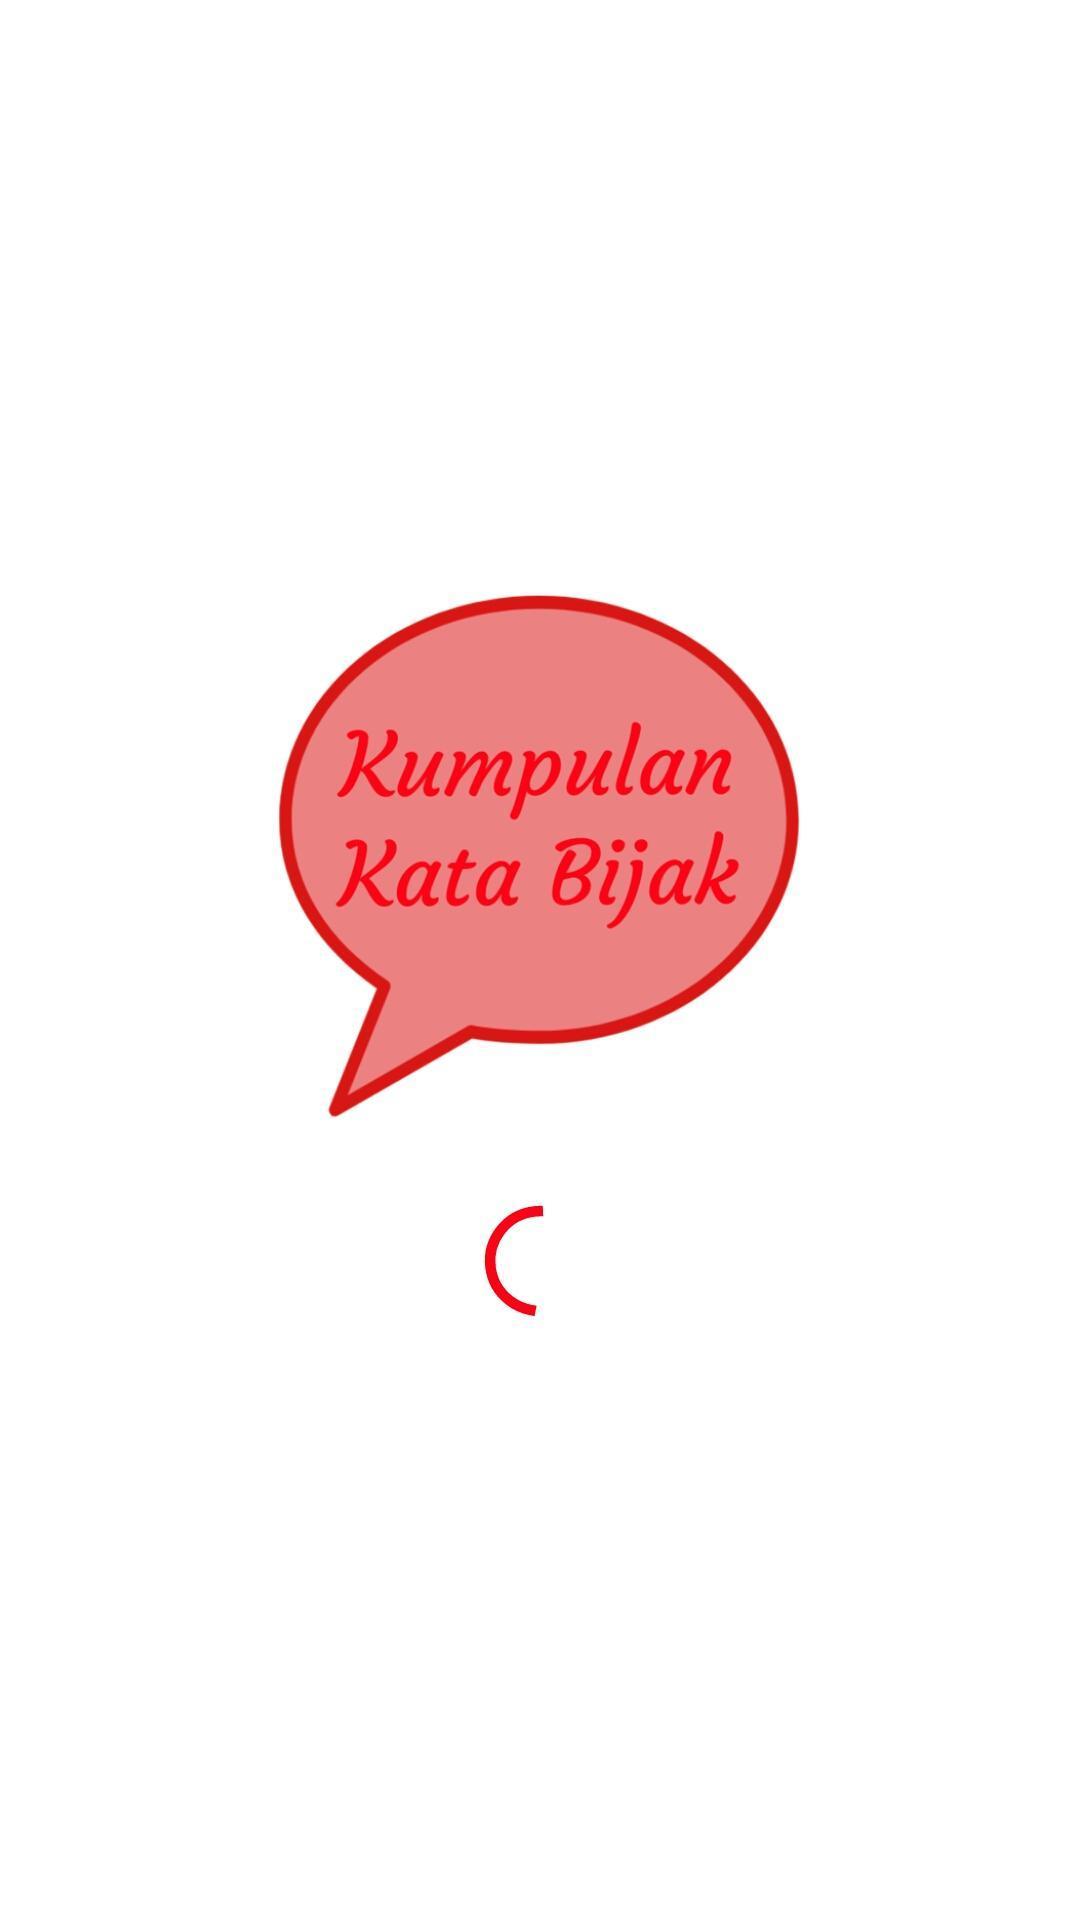 Quotes Kumpulan Kata Bijak For Android APK Download